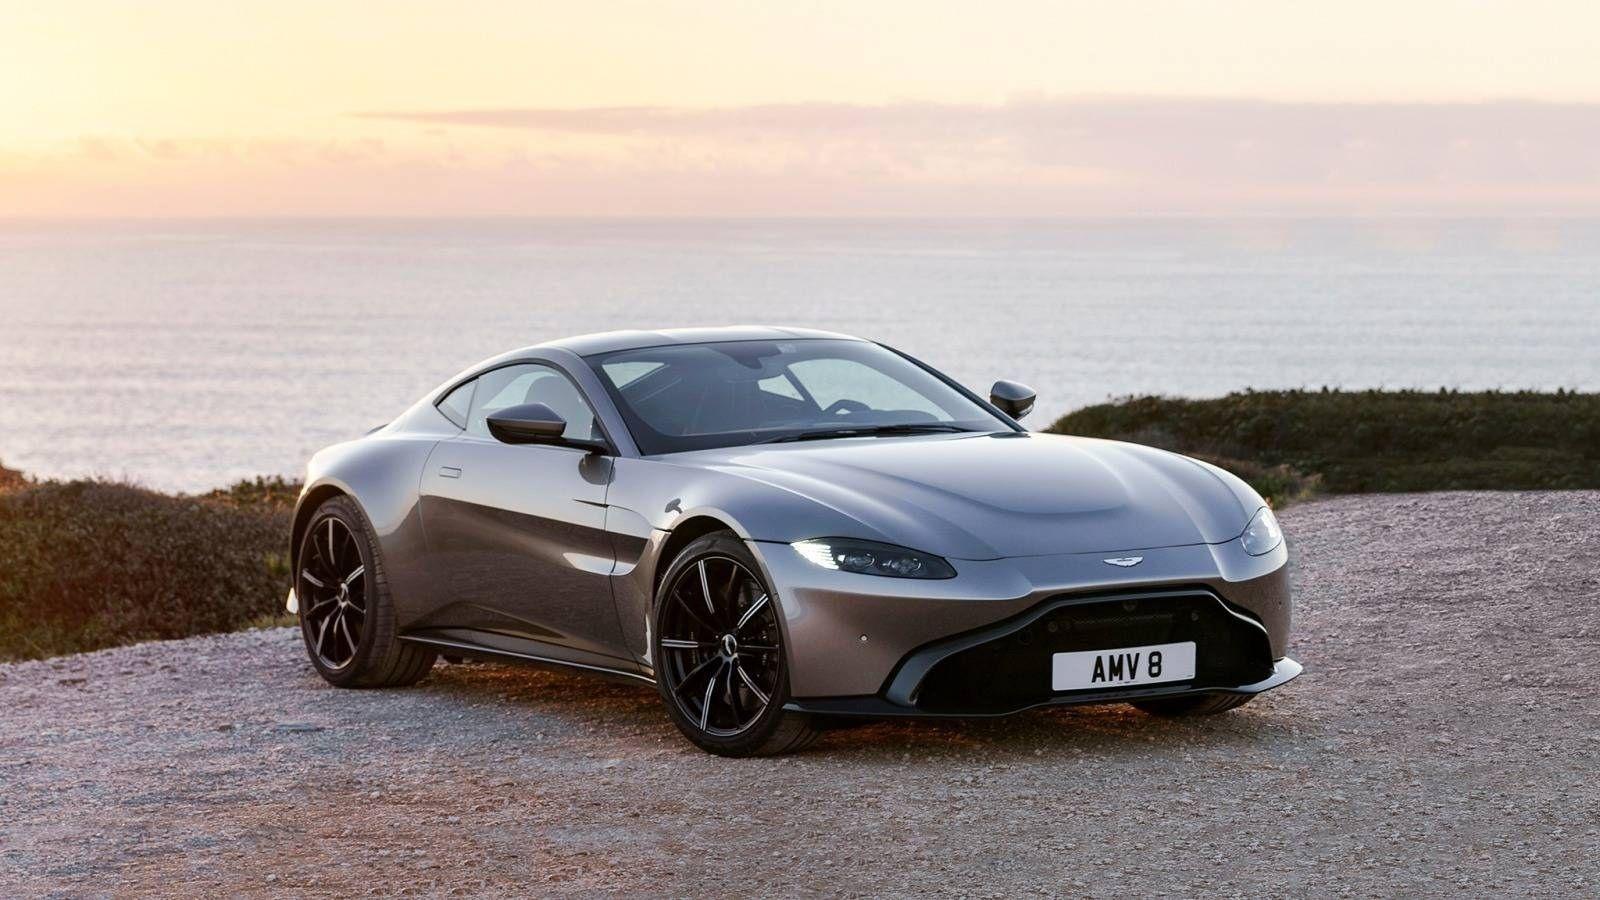 Aston Martin Db9 2019 Redesign | Aston martin, Aston ...